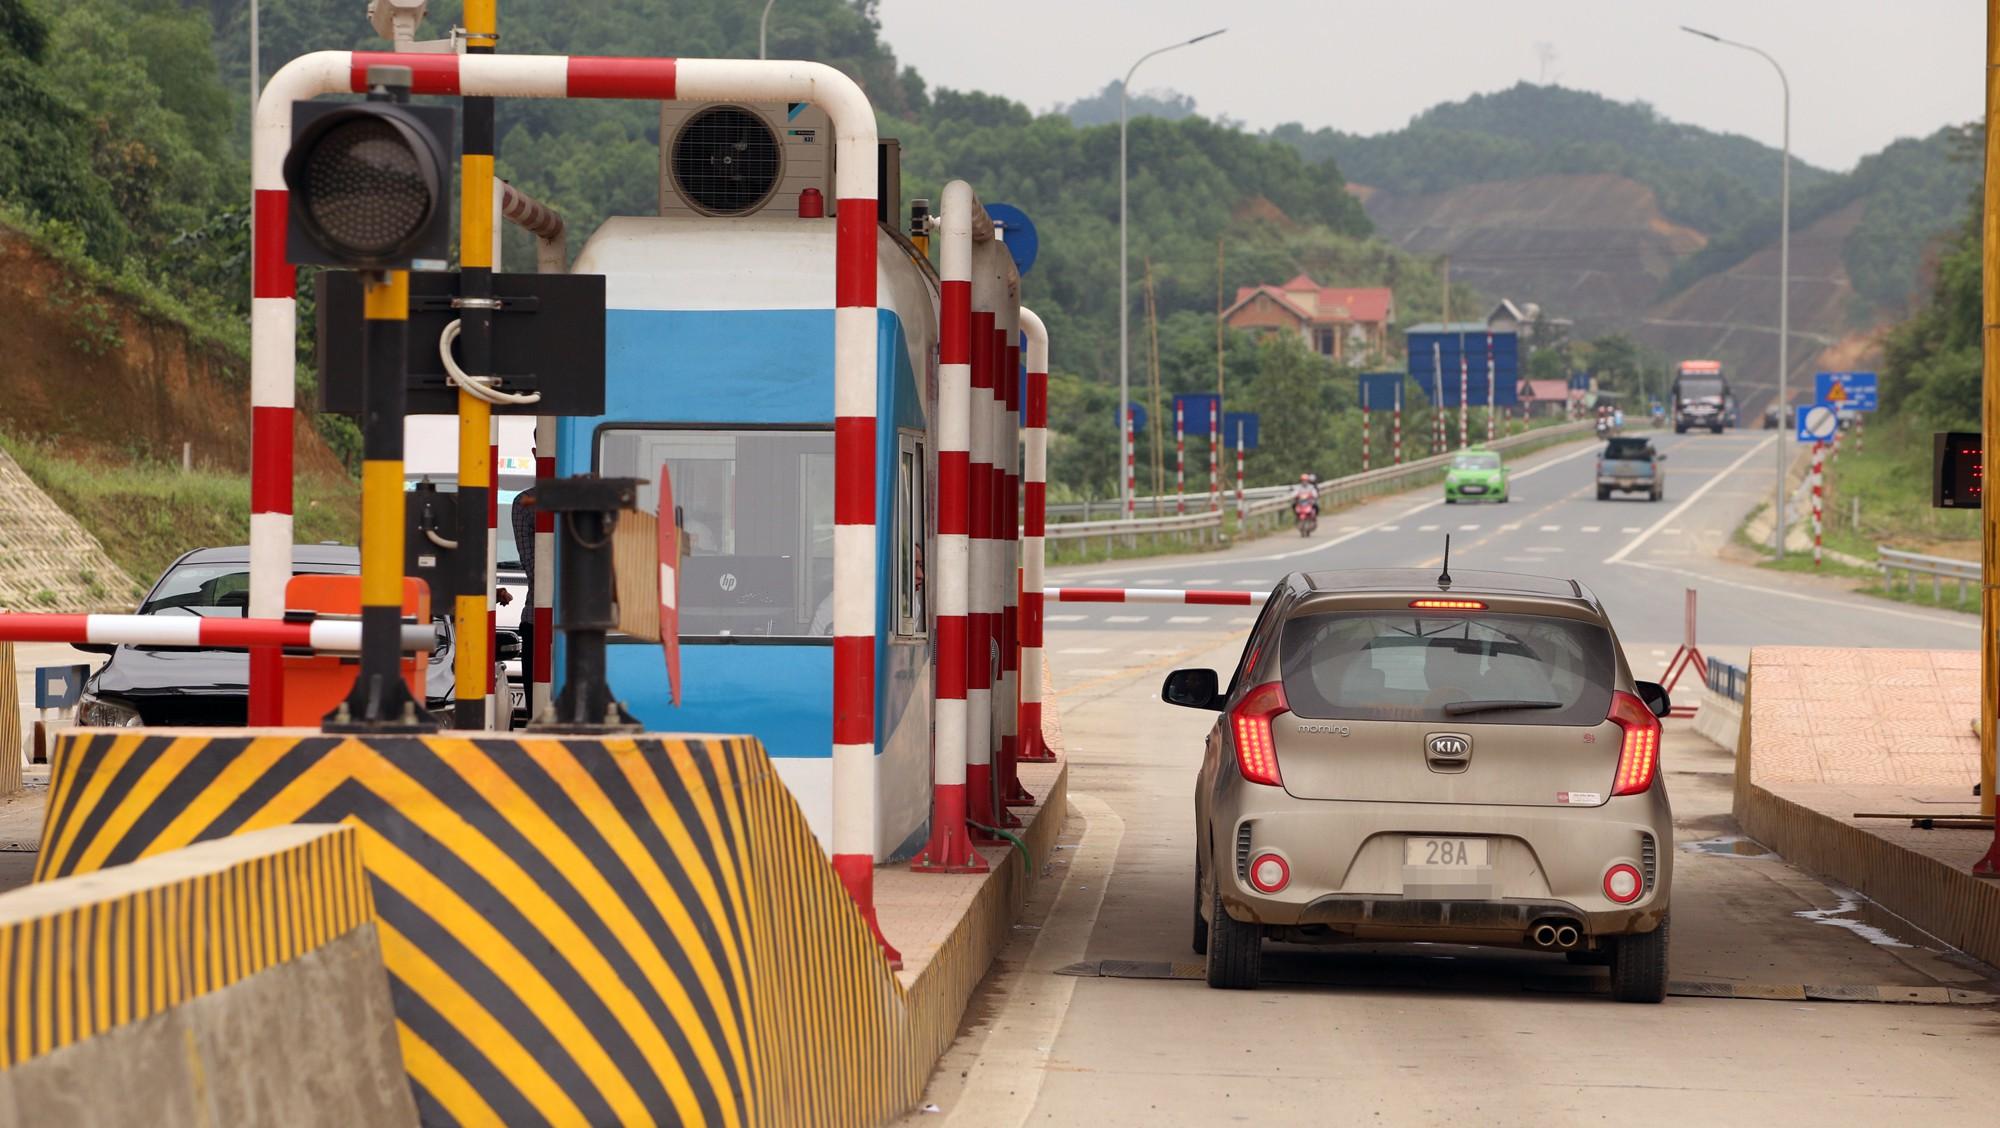 Lãnh đạo trạm BOT Hòa Lạc - Hòa Bình bỏ 17.500 đồng tiền túi mua vé hộ chủ xe con - Ảnh 6.